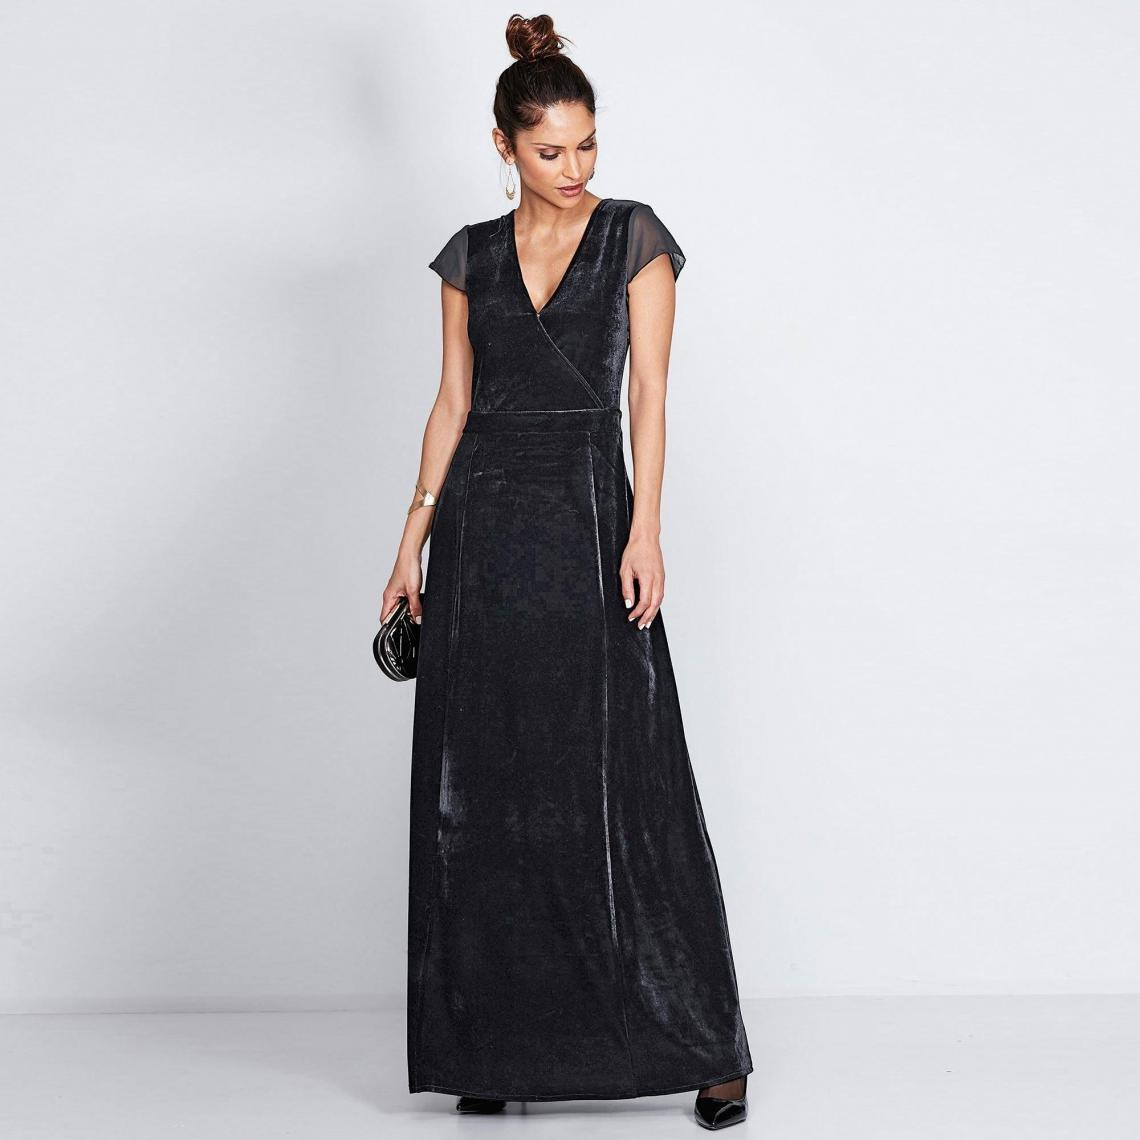 Robe Longue Manches Courtes En Velours Femme Noir 3 Suisses